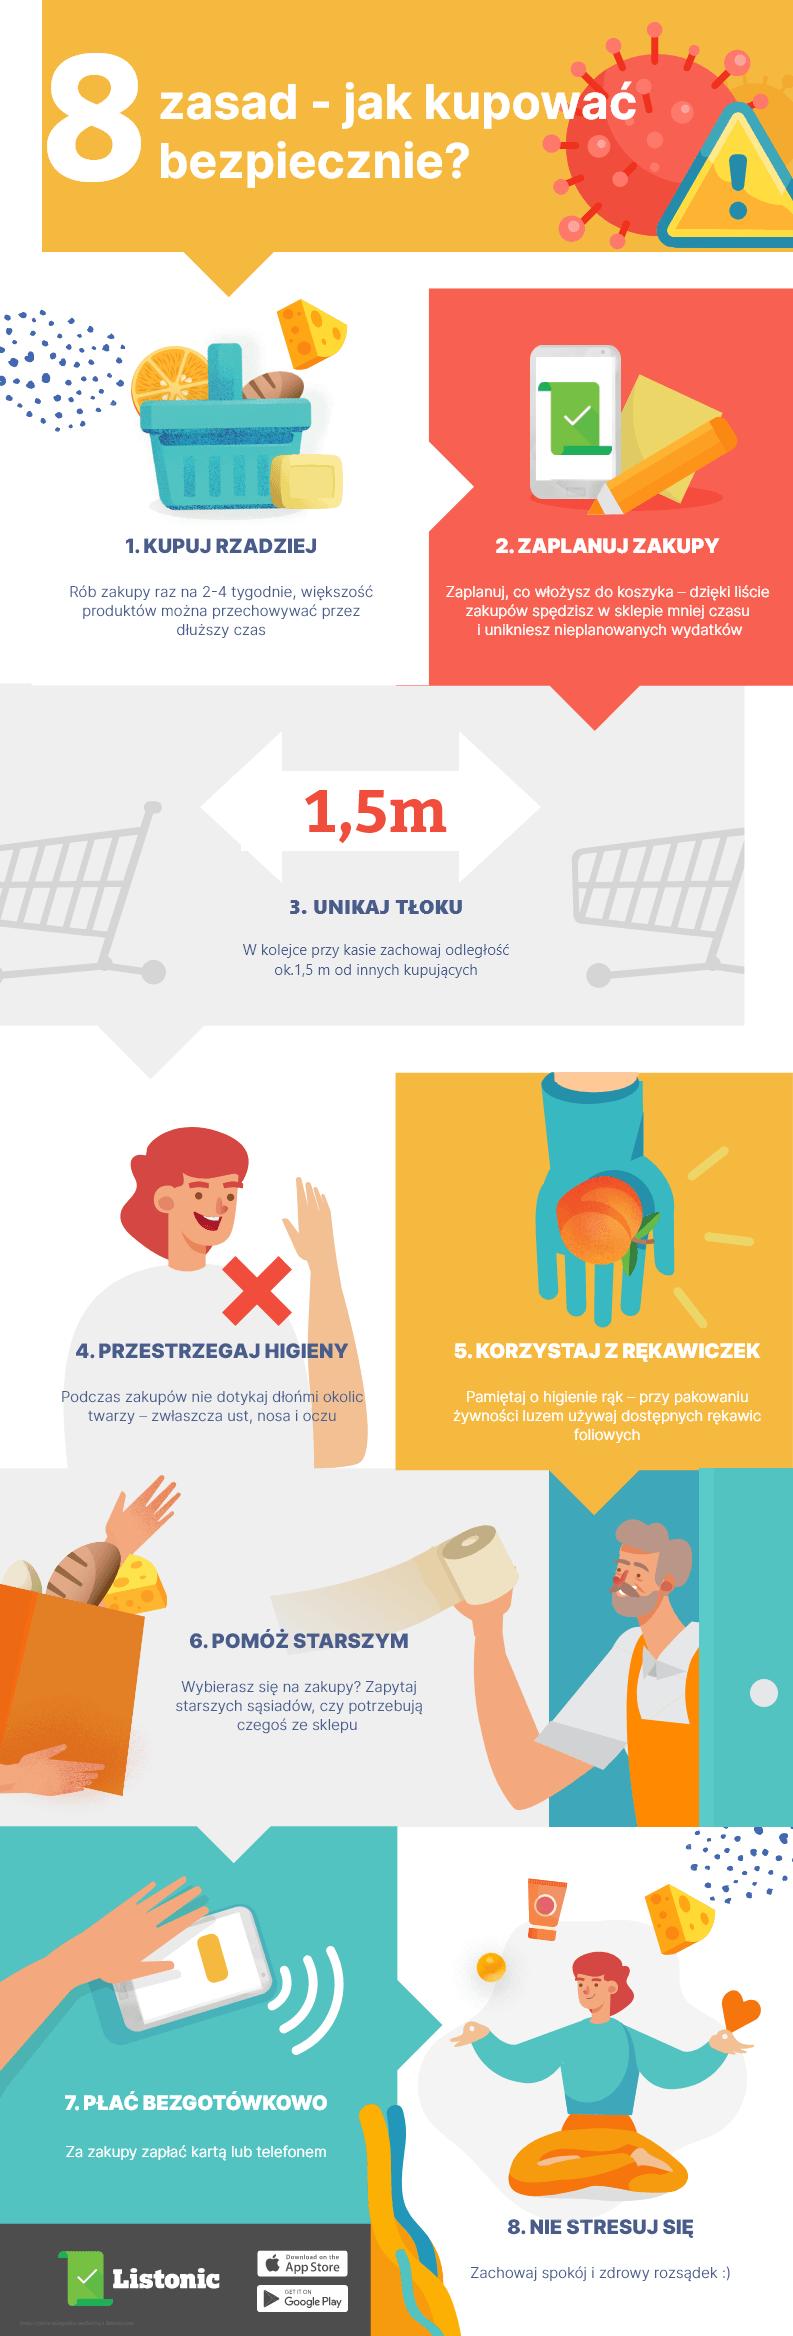 Infografika: 8 zasad jak kupować bezpiecznie?